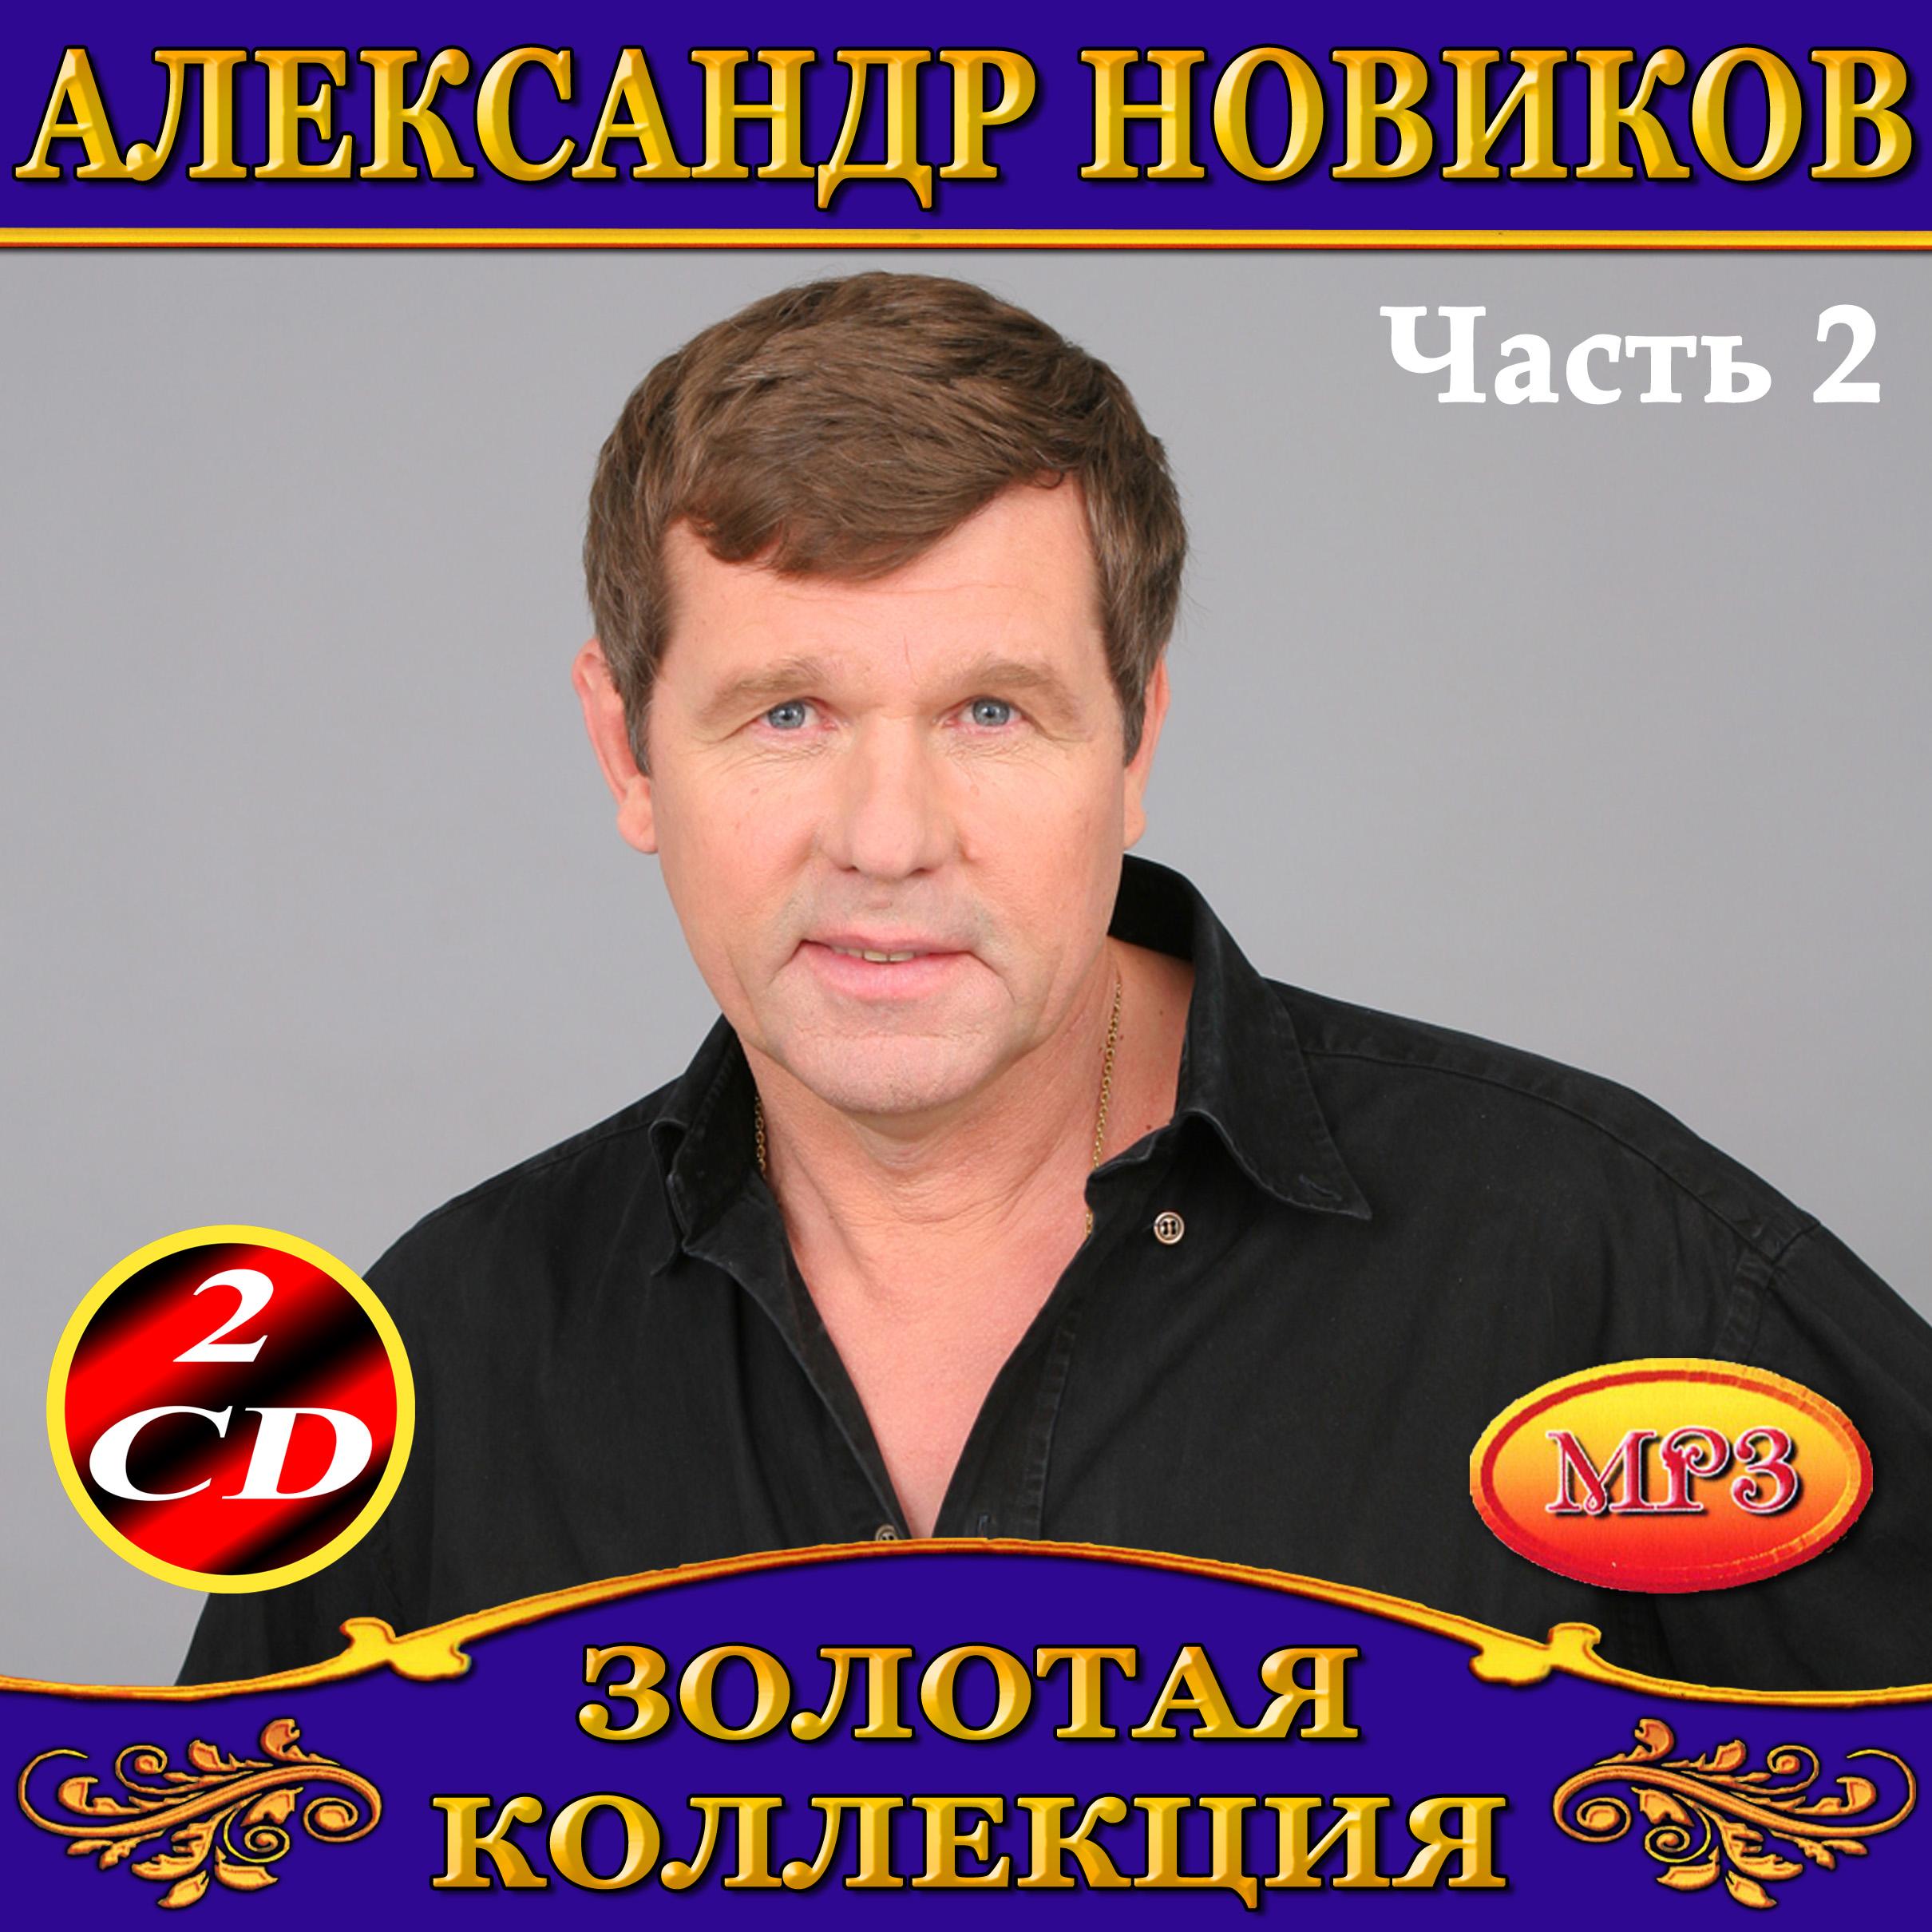 Александр Новиков 2ч 2cd [mp3]